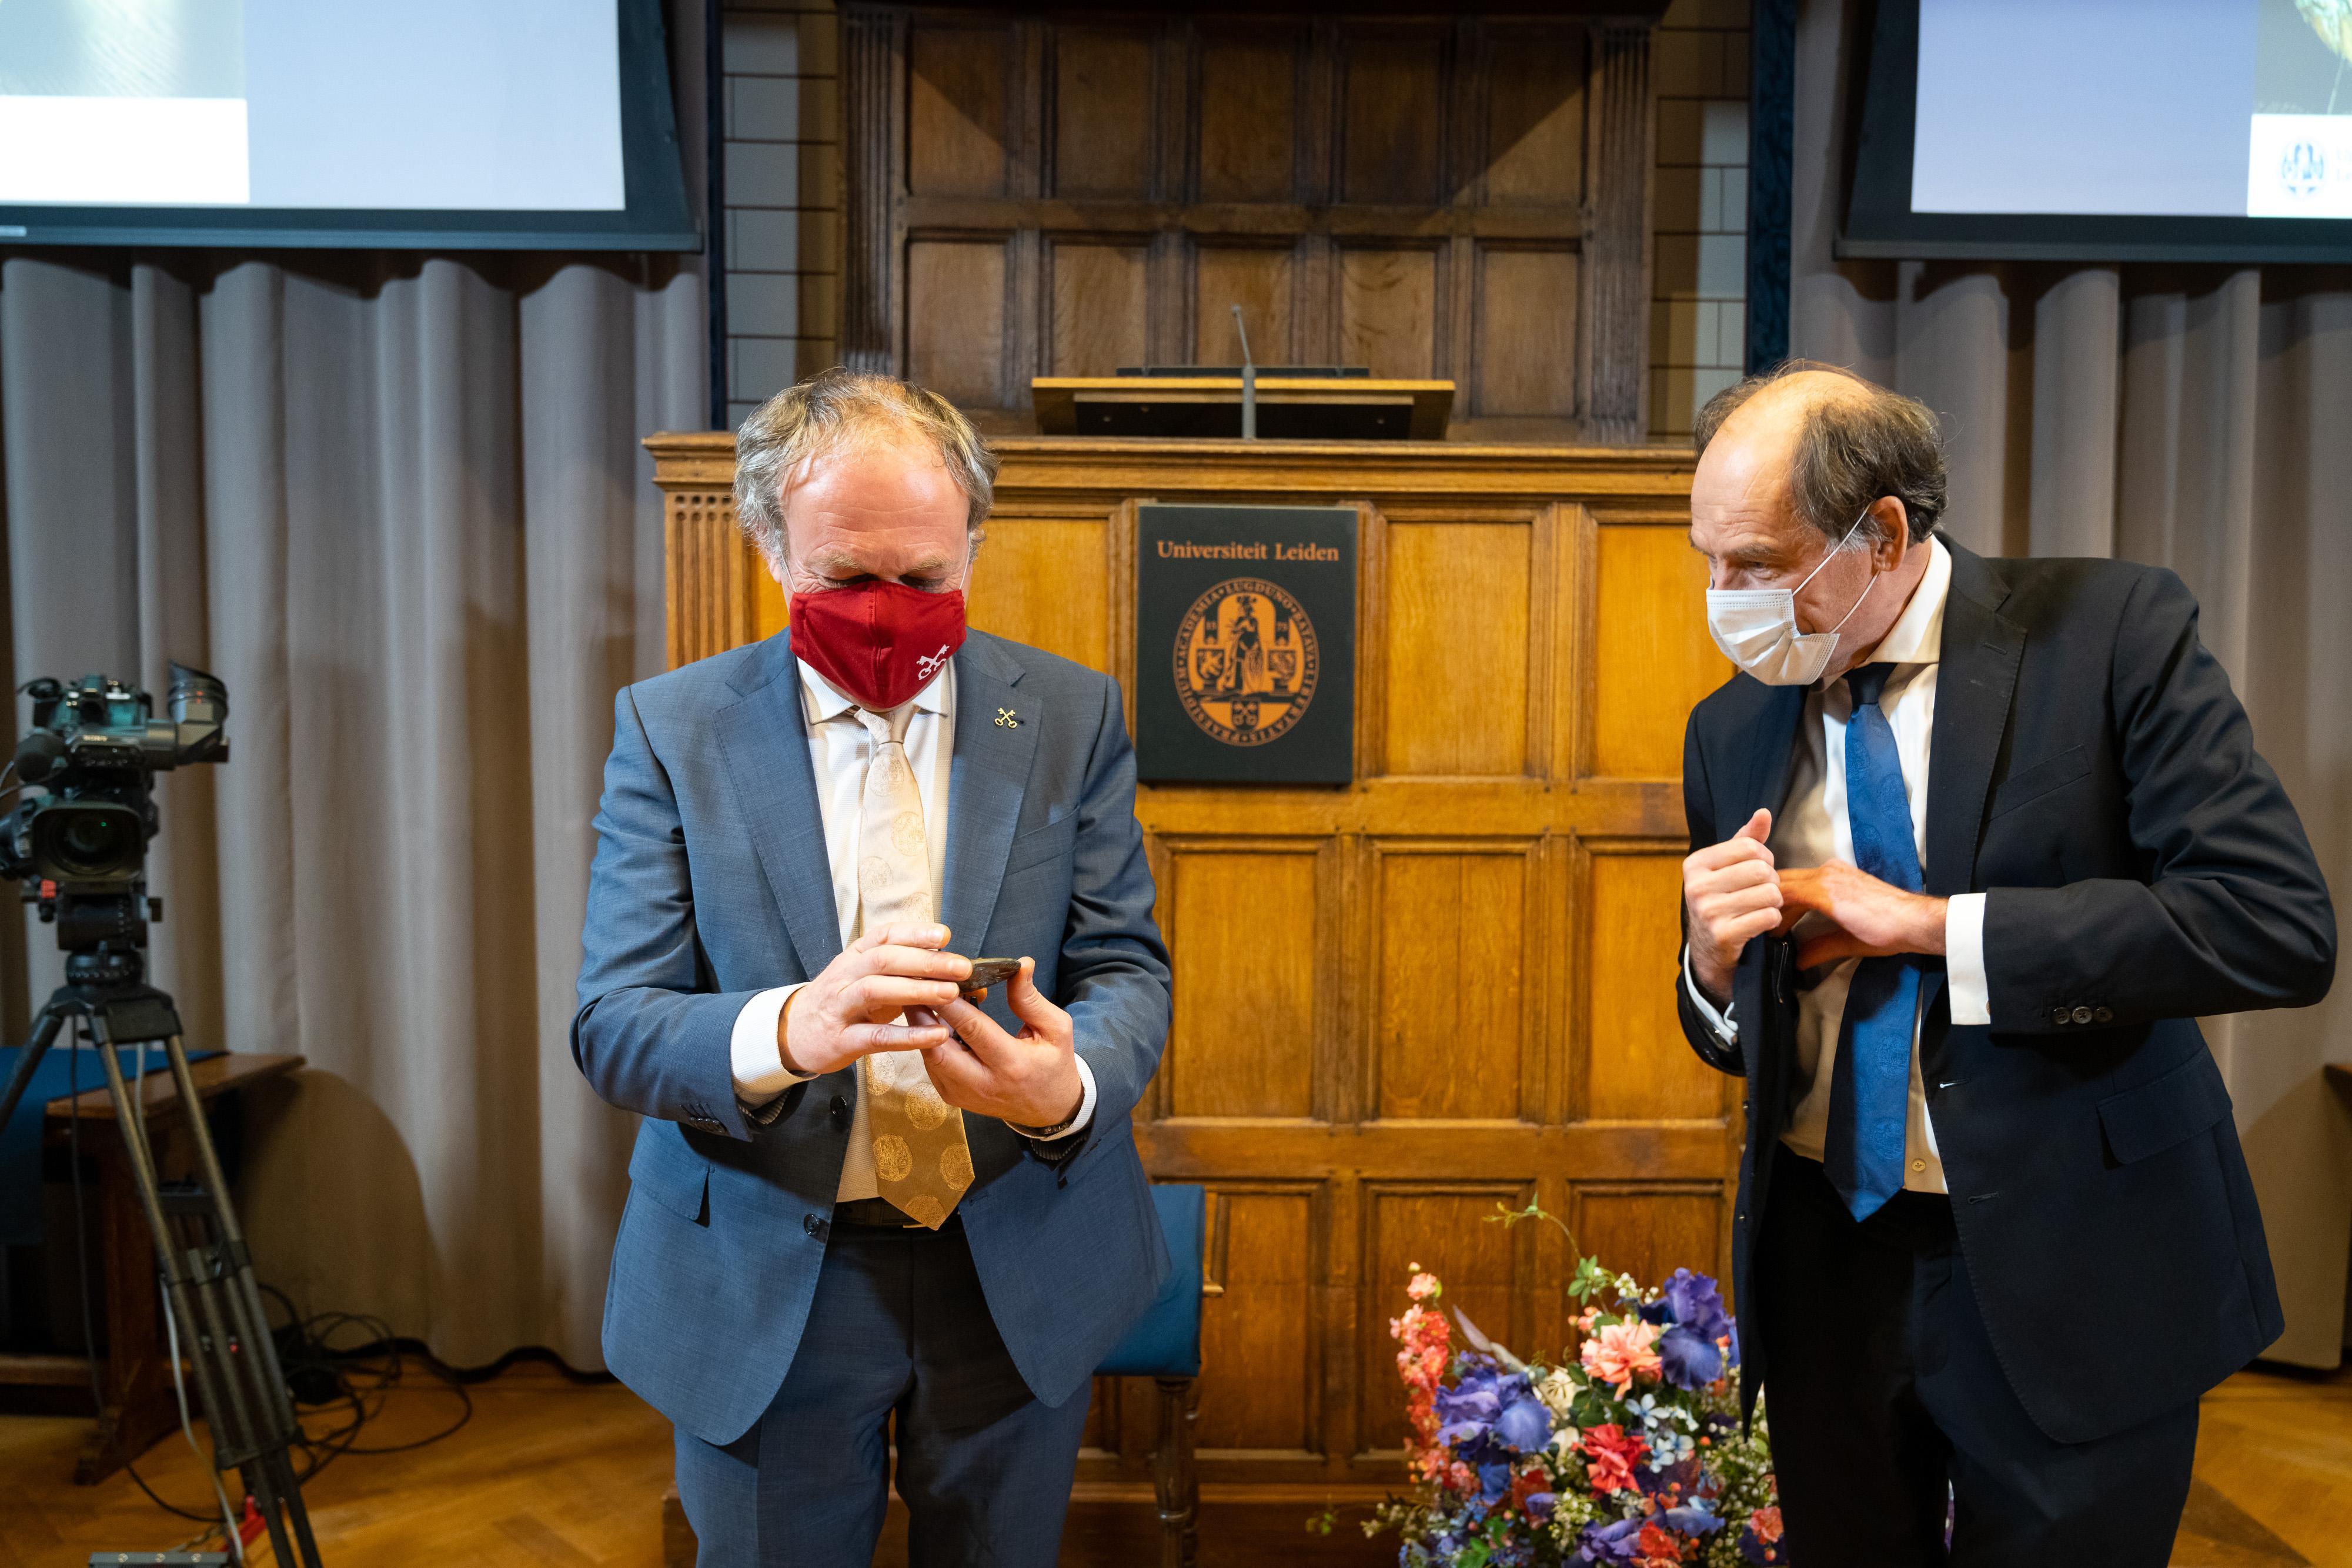 Burgemeester Lenferink 'enorm blij' met Scaligerpenning Universiteit Leiden